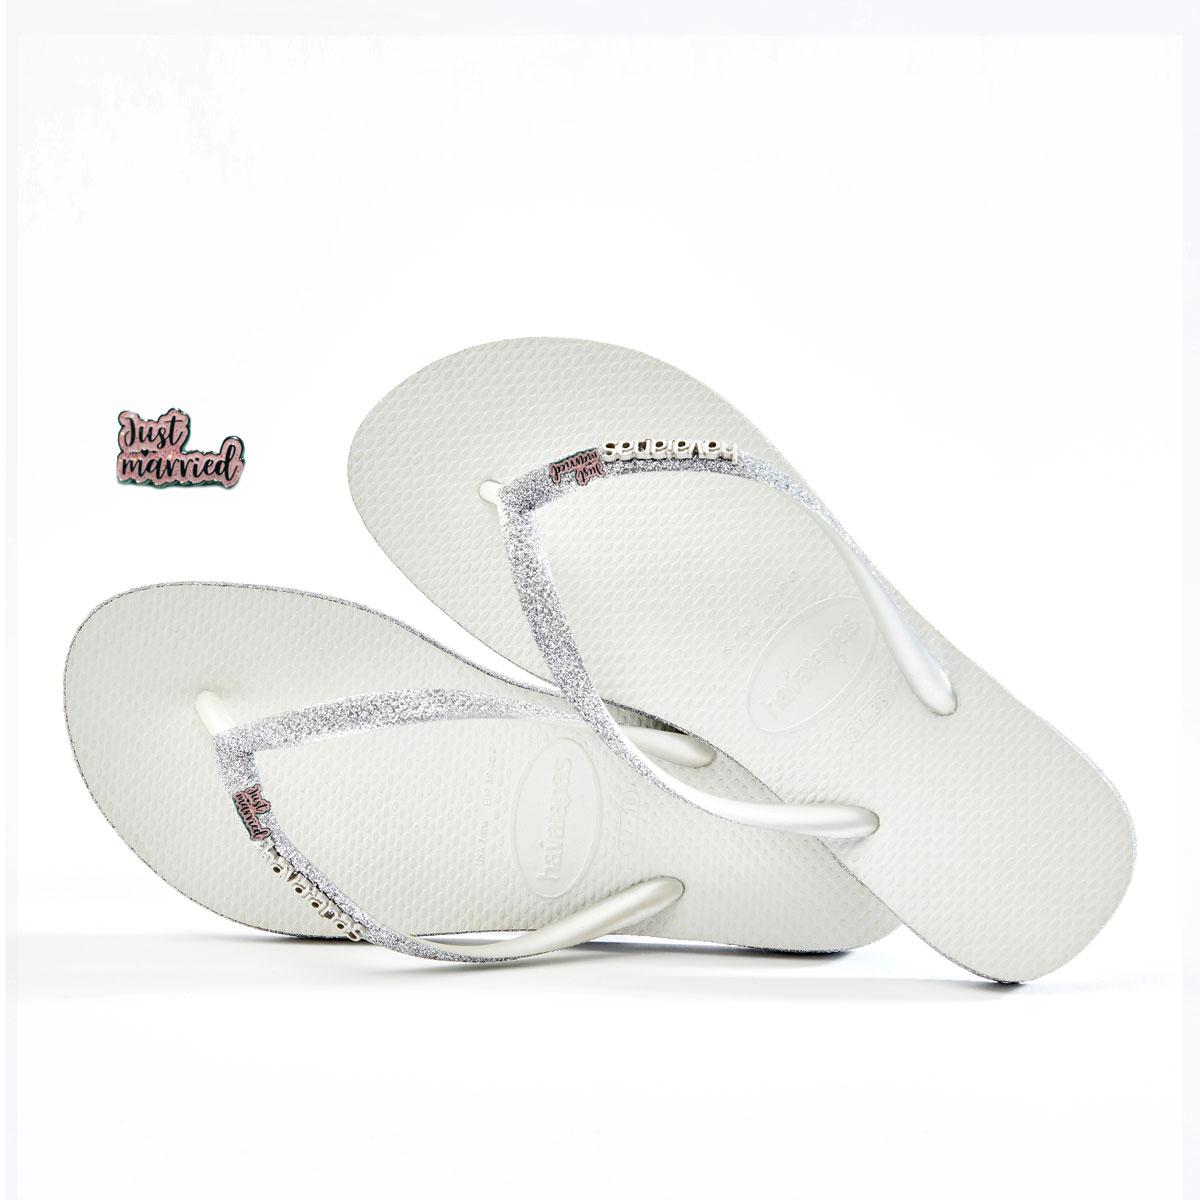 havaianas slim white sparkle glitter pink glitter just married